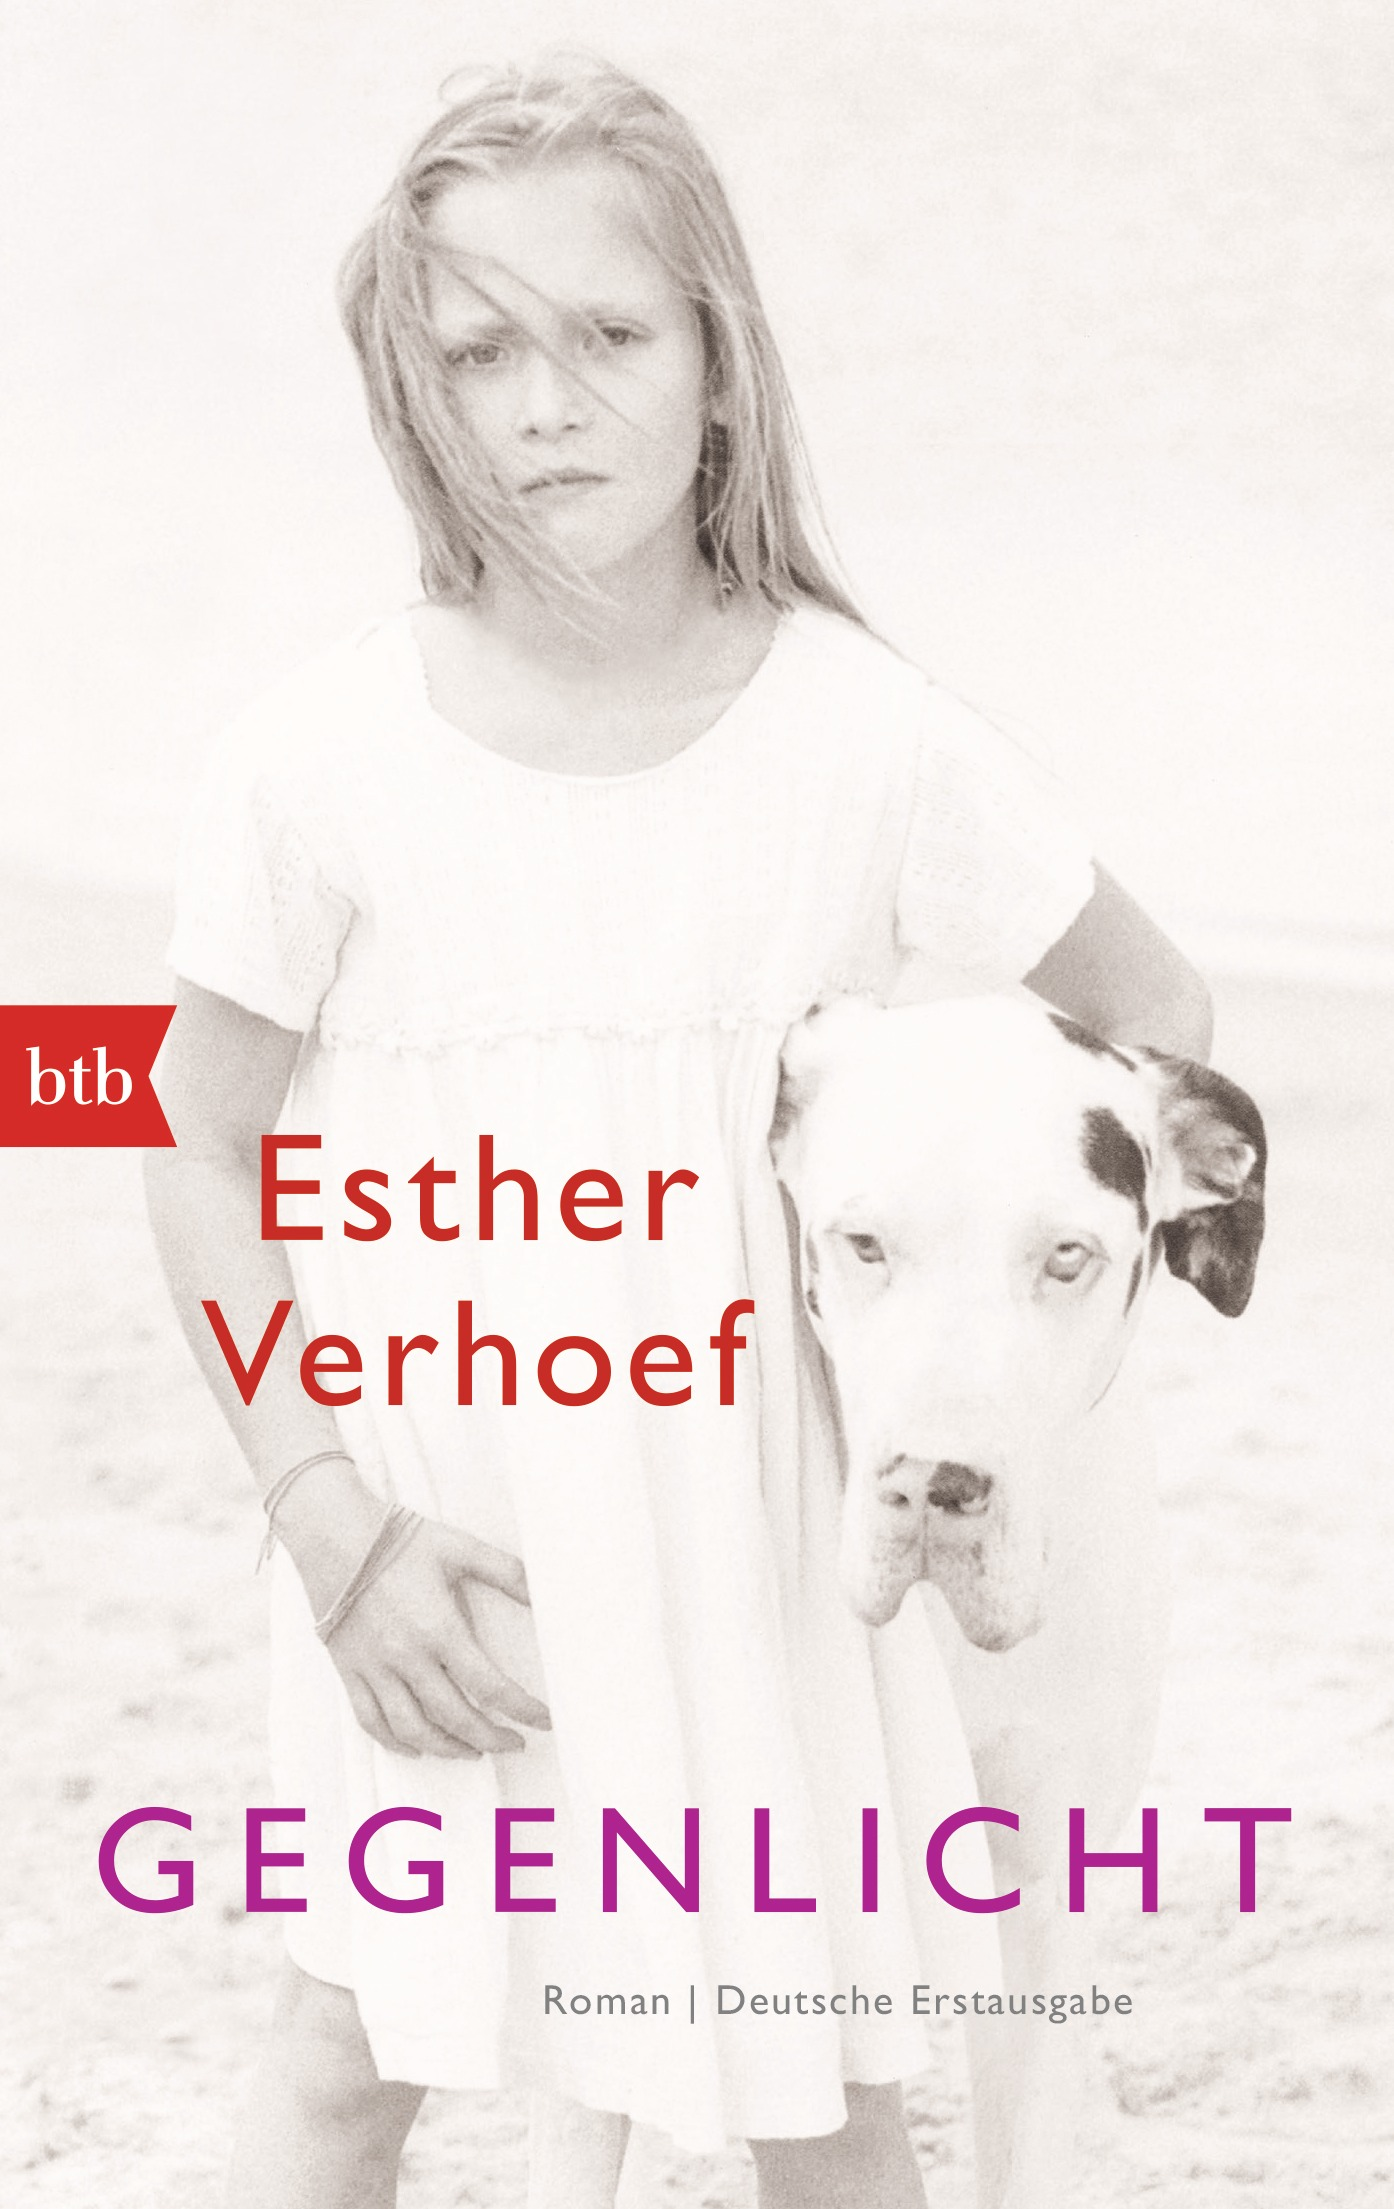 Rezension: Esther Verhoef, Gegenlicht